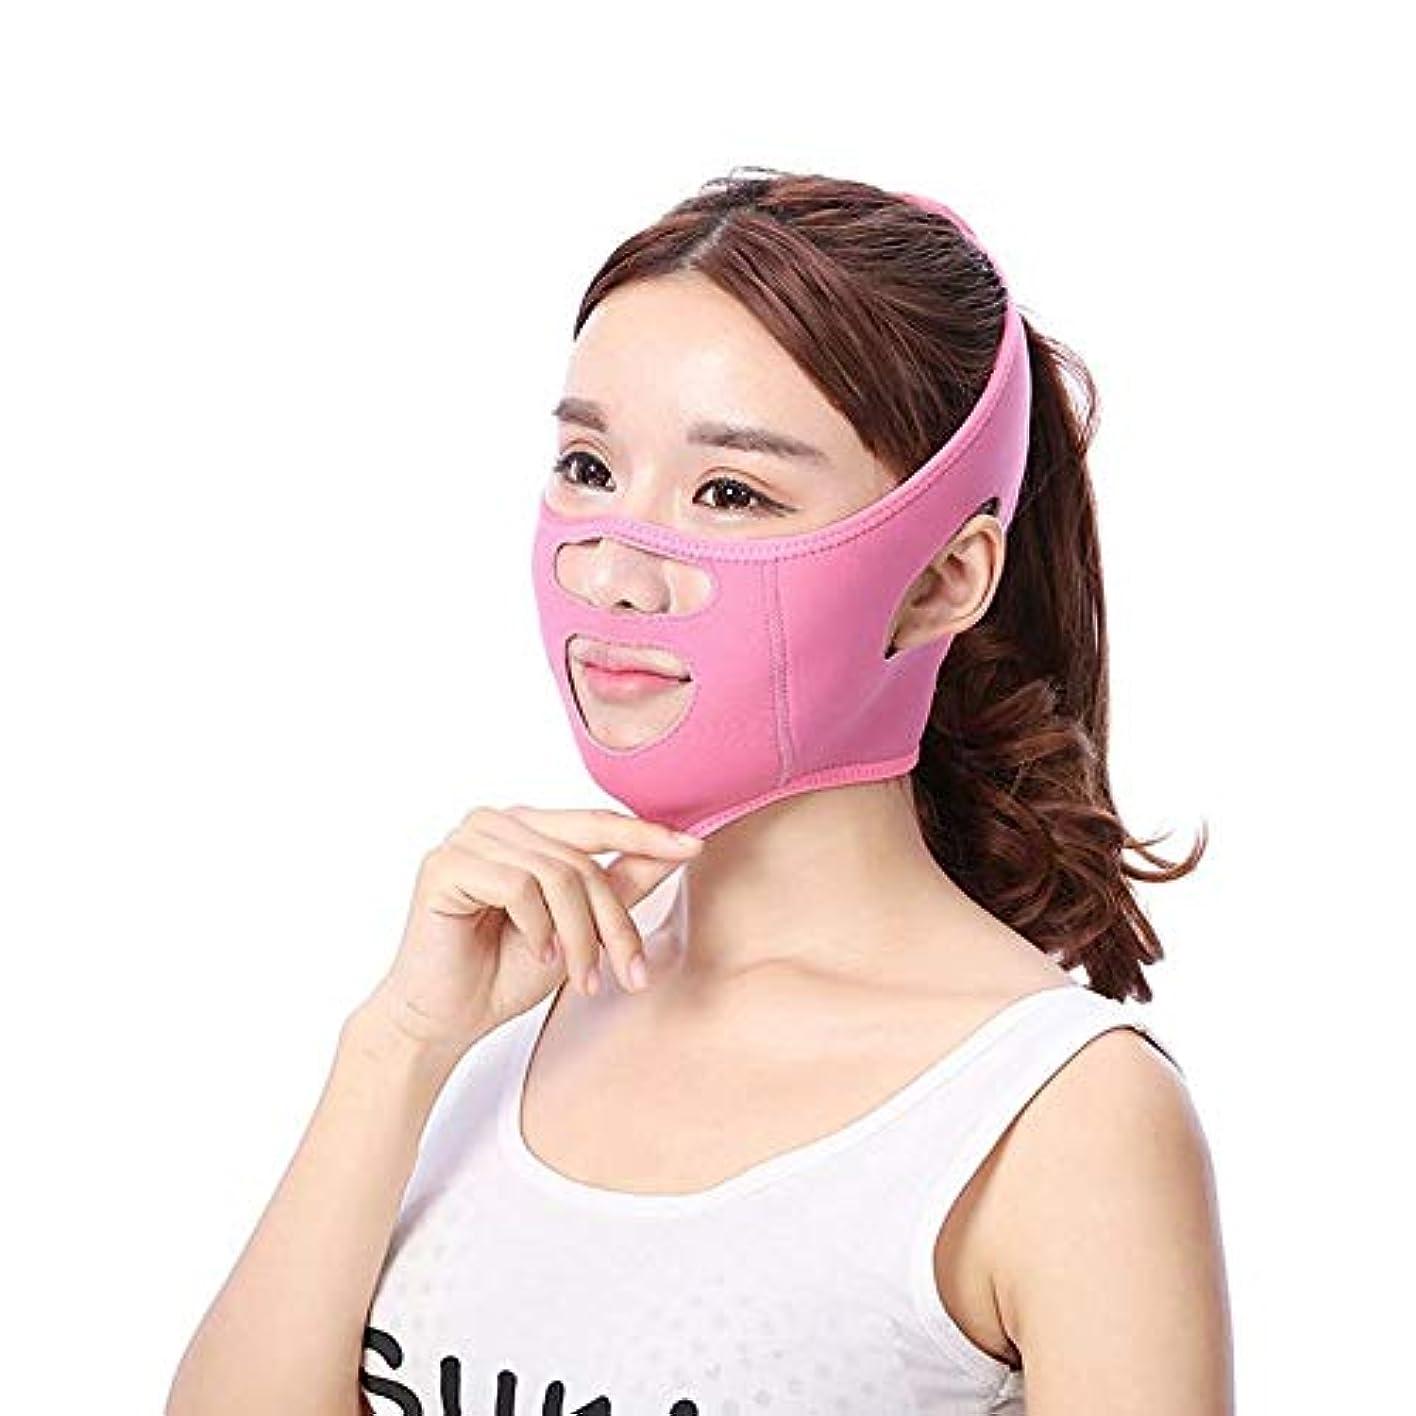 バイパスページ主婦飛強強 シンフェイスアーティファクトリフティング引き締めフェイス睡眠包帯フェイシャルリフティングアンチ垂れ下がり法律パターンステッカー8ワード口角 - ピンク スリムフィット美容ツール